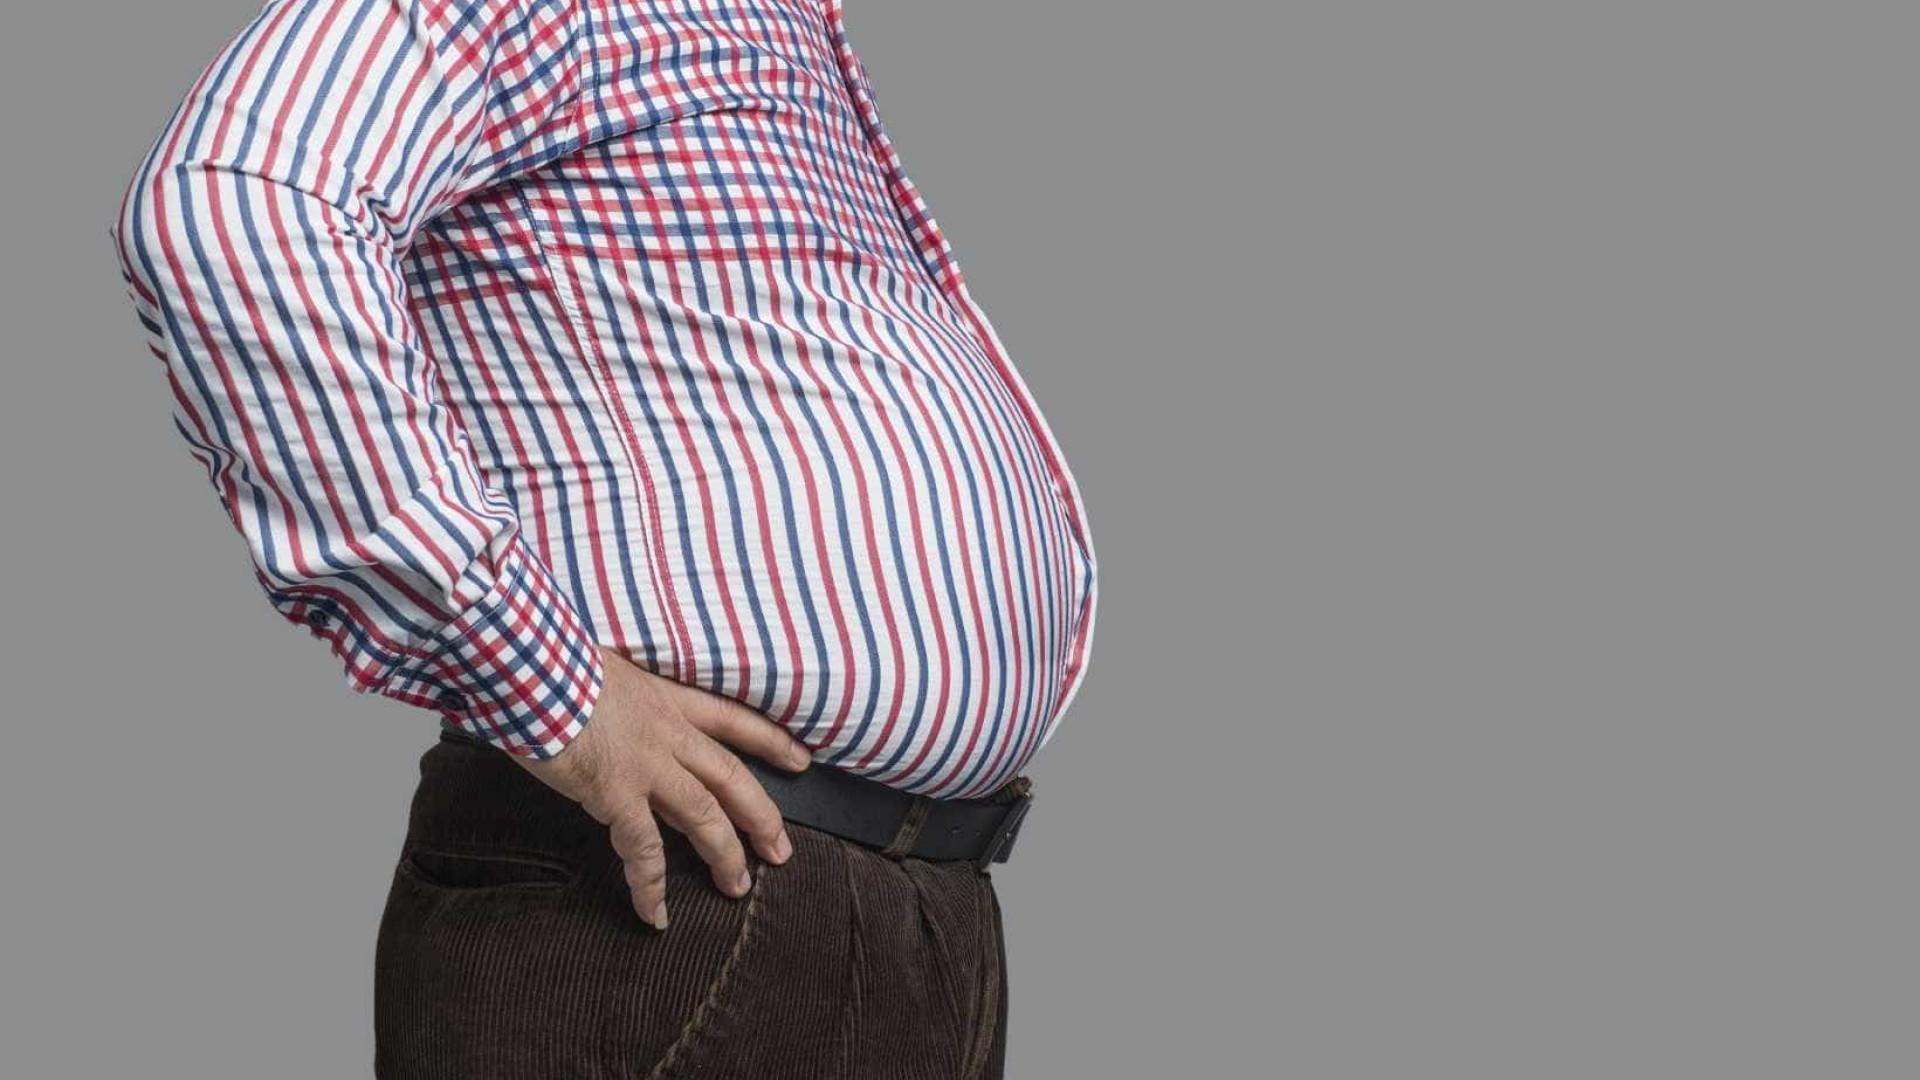 Estudo encontra ligação entre excesso de peso e má saúde oral